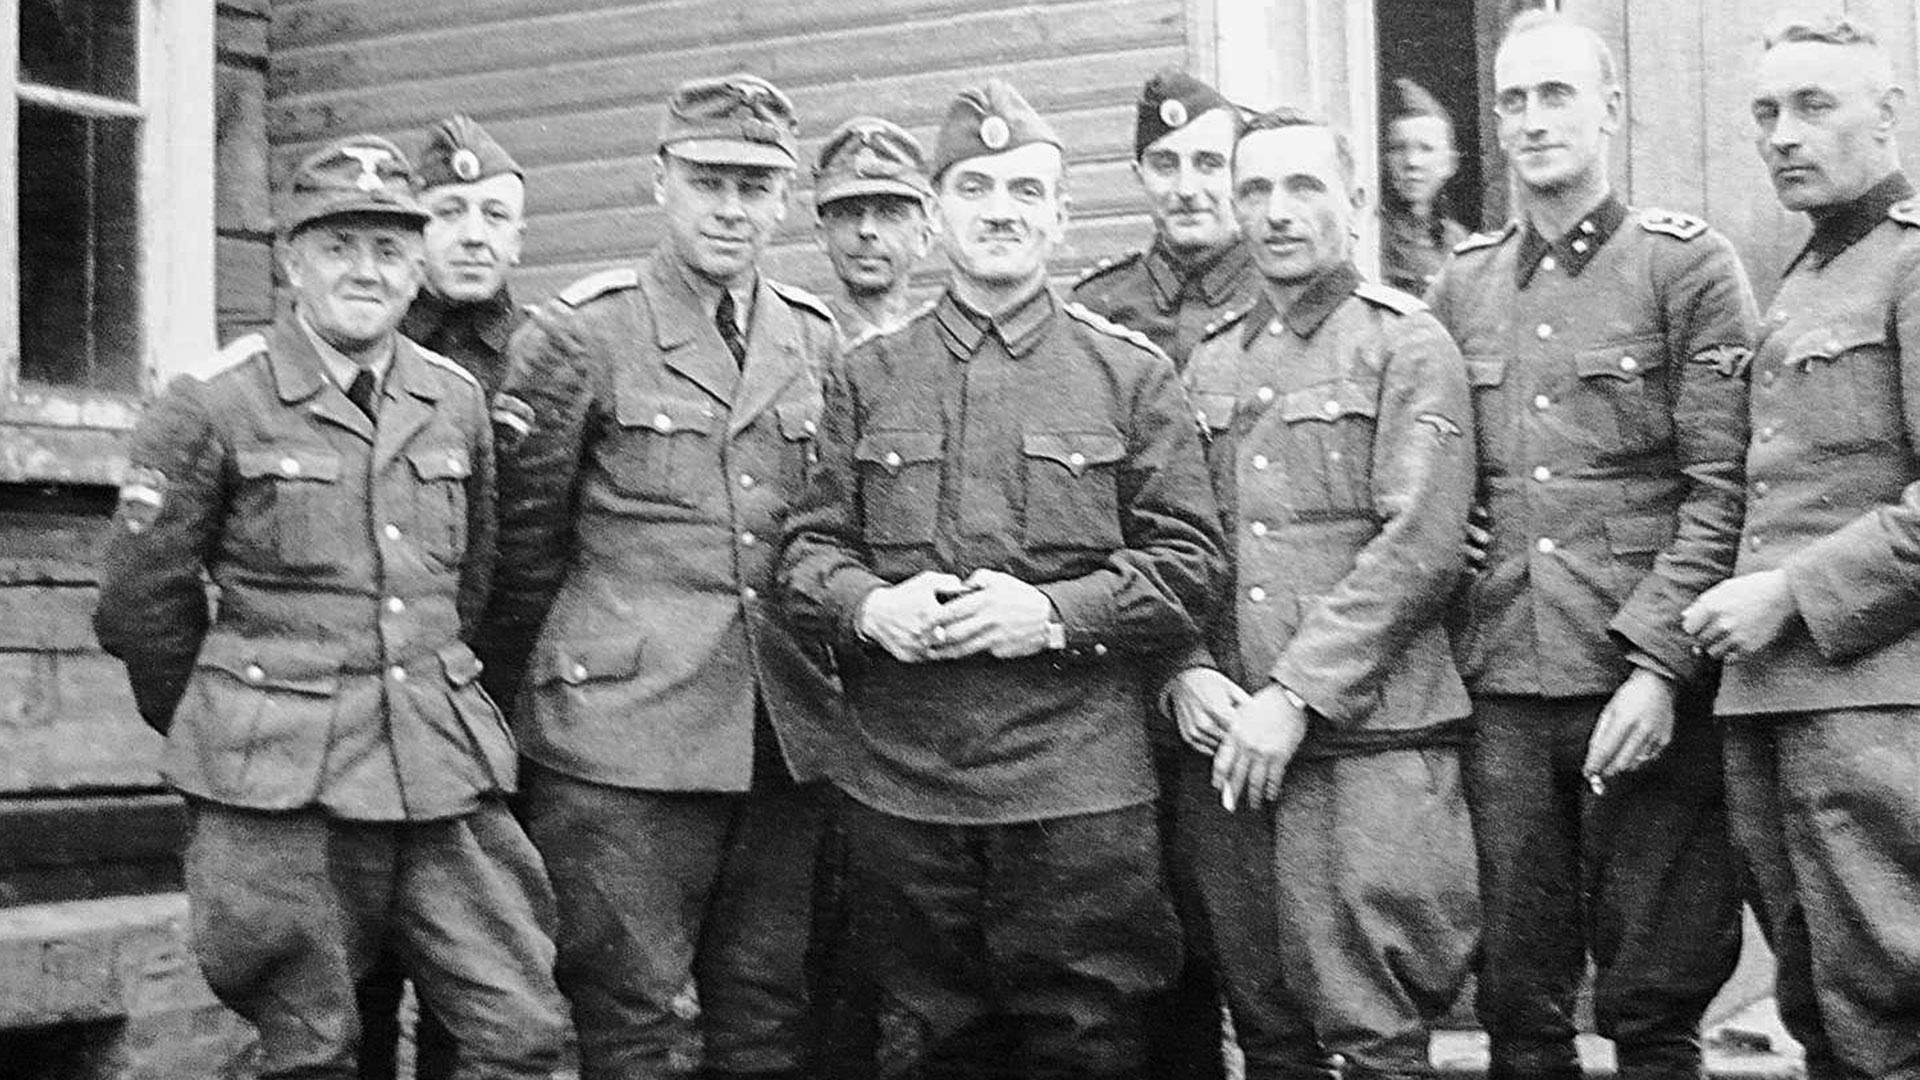 Officiers de la brigade SS Droujina. Constantine Kromiadi, l'un des fondateurs de l'Armée populaire nationale russе, au centre; Vladimir Guil à sa droite